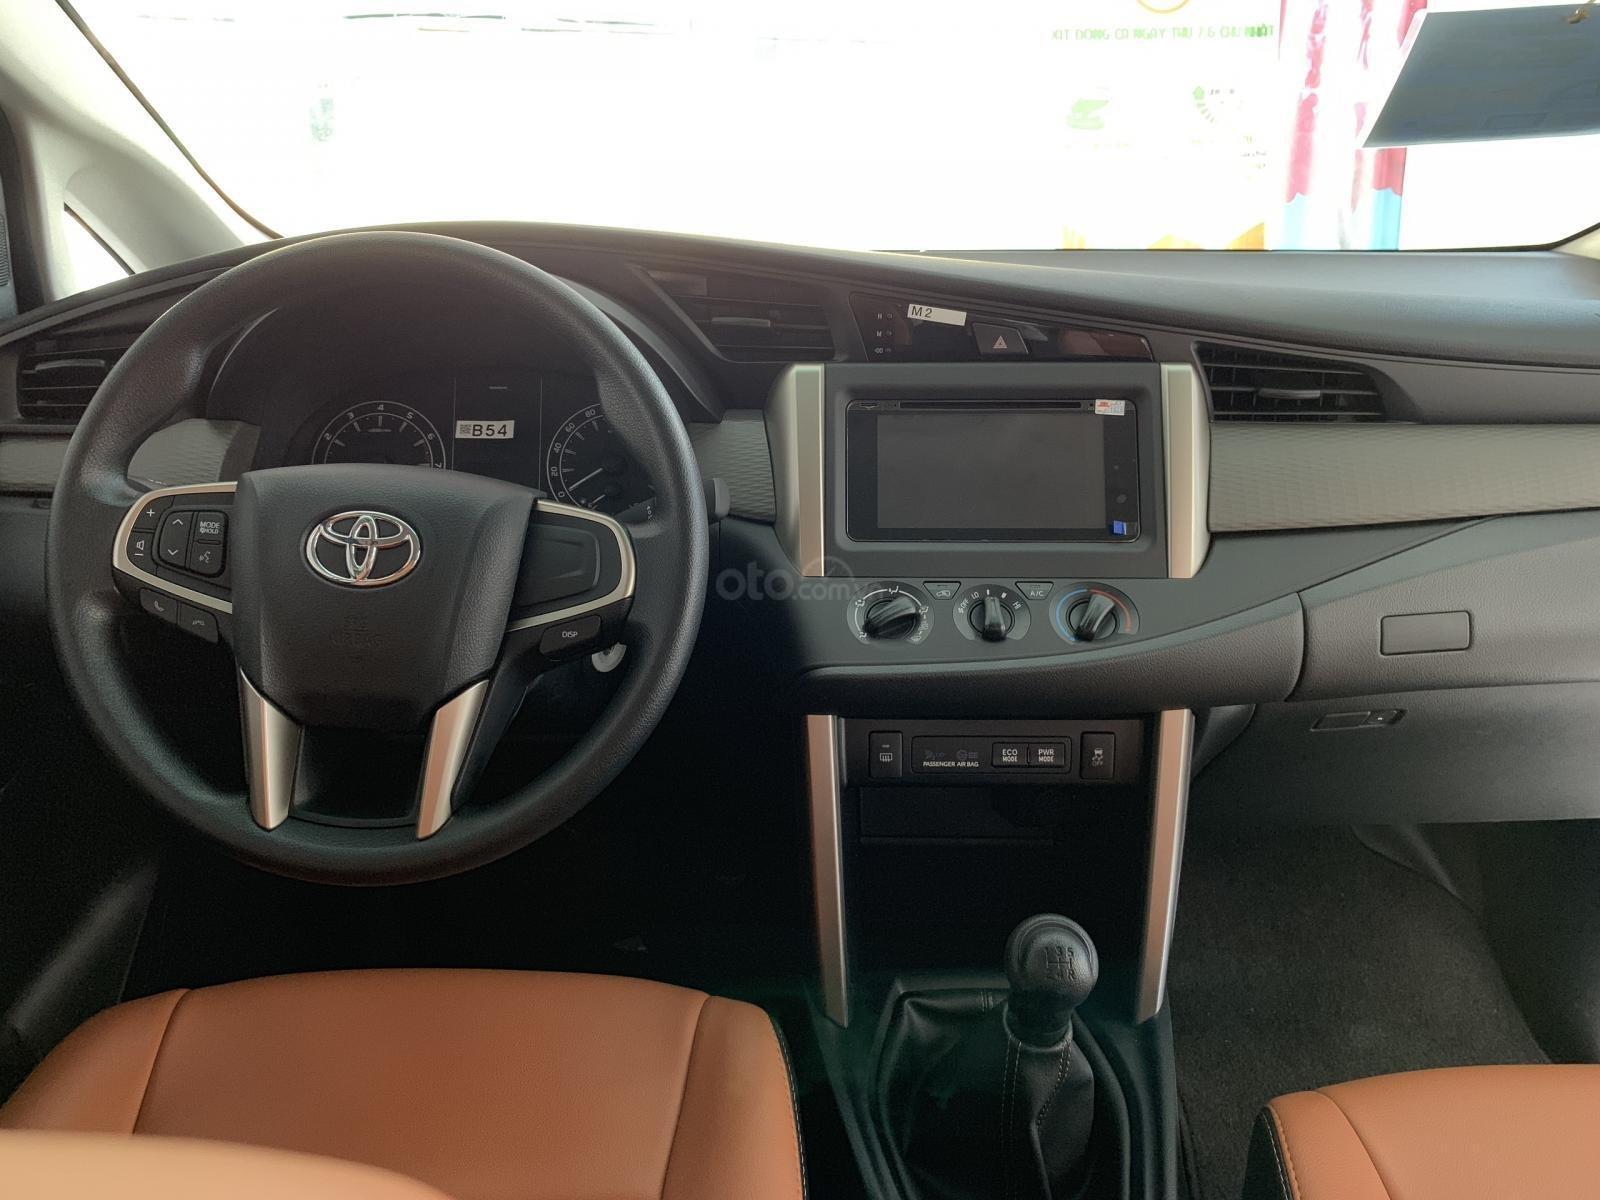 Bán Toyota Innova 2.0E MT 2019, khuyến mãi cực khủng, màu bạc giao ngay. LH: 0943.134.210-6